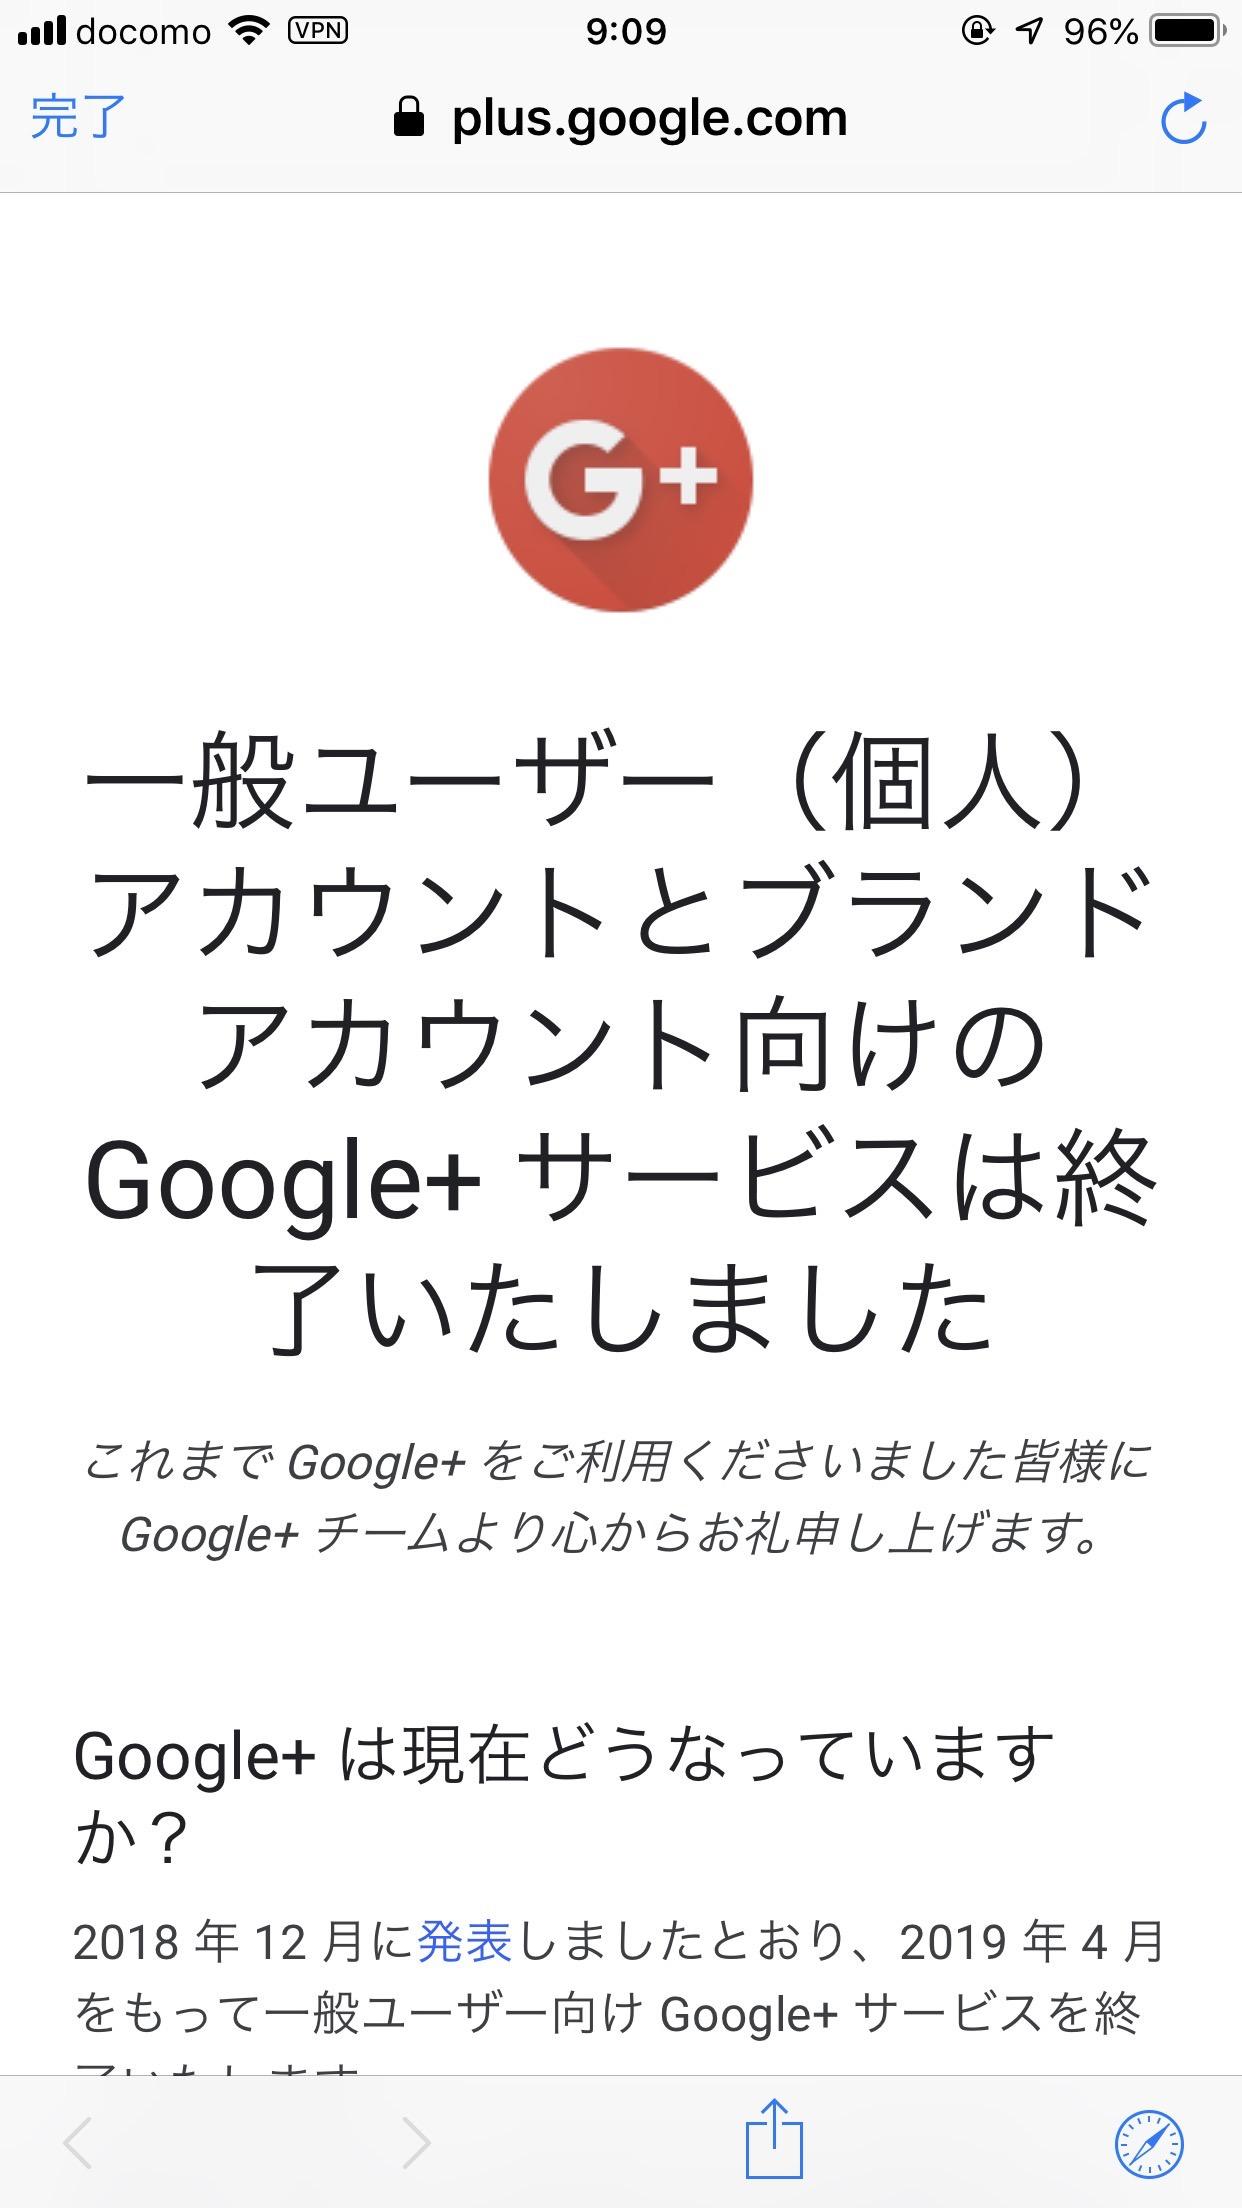 「Google+」2019年4月2日でサービス終了